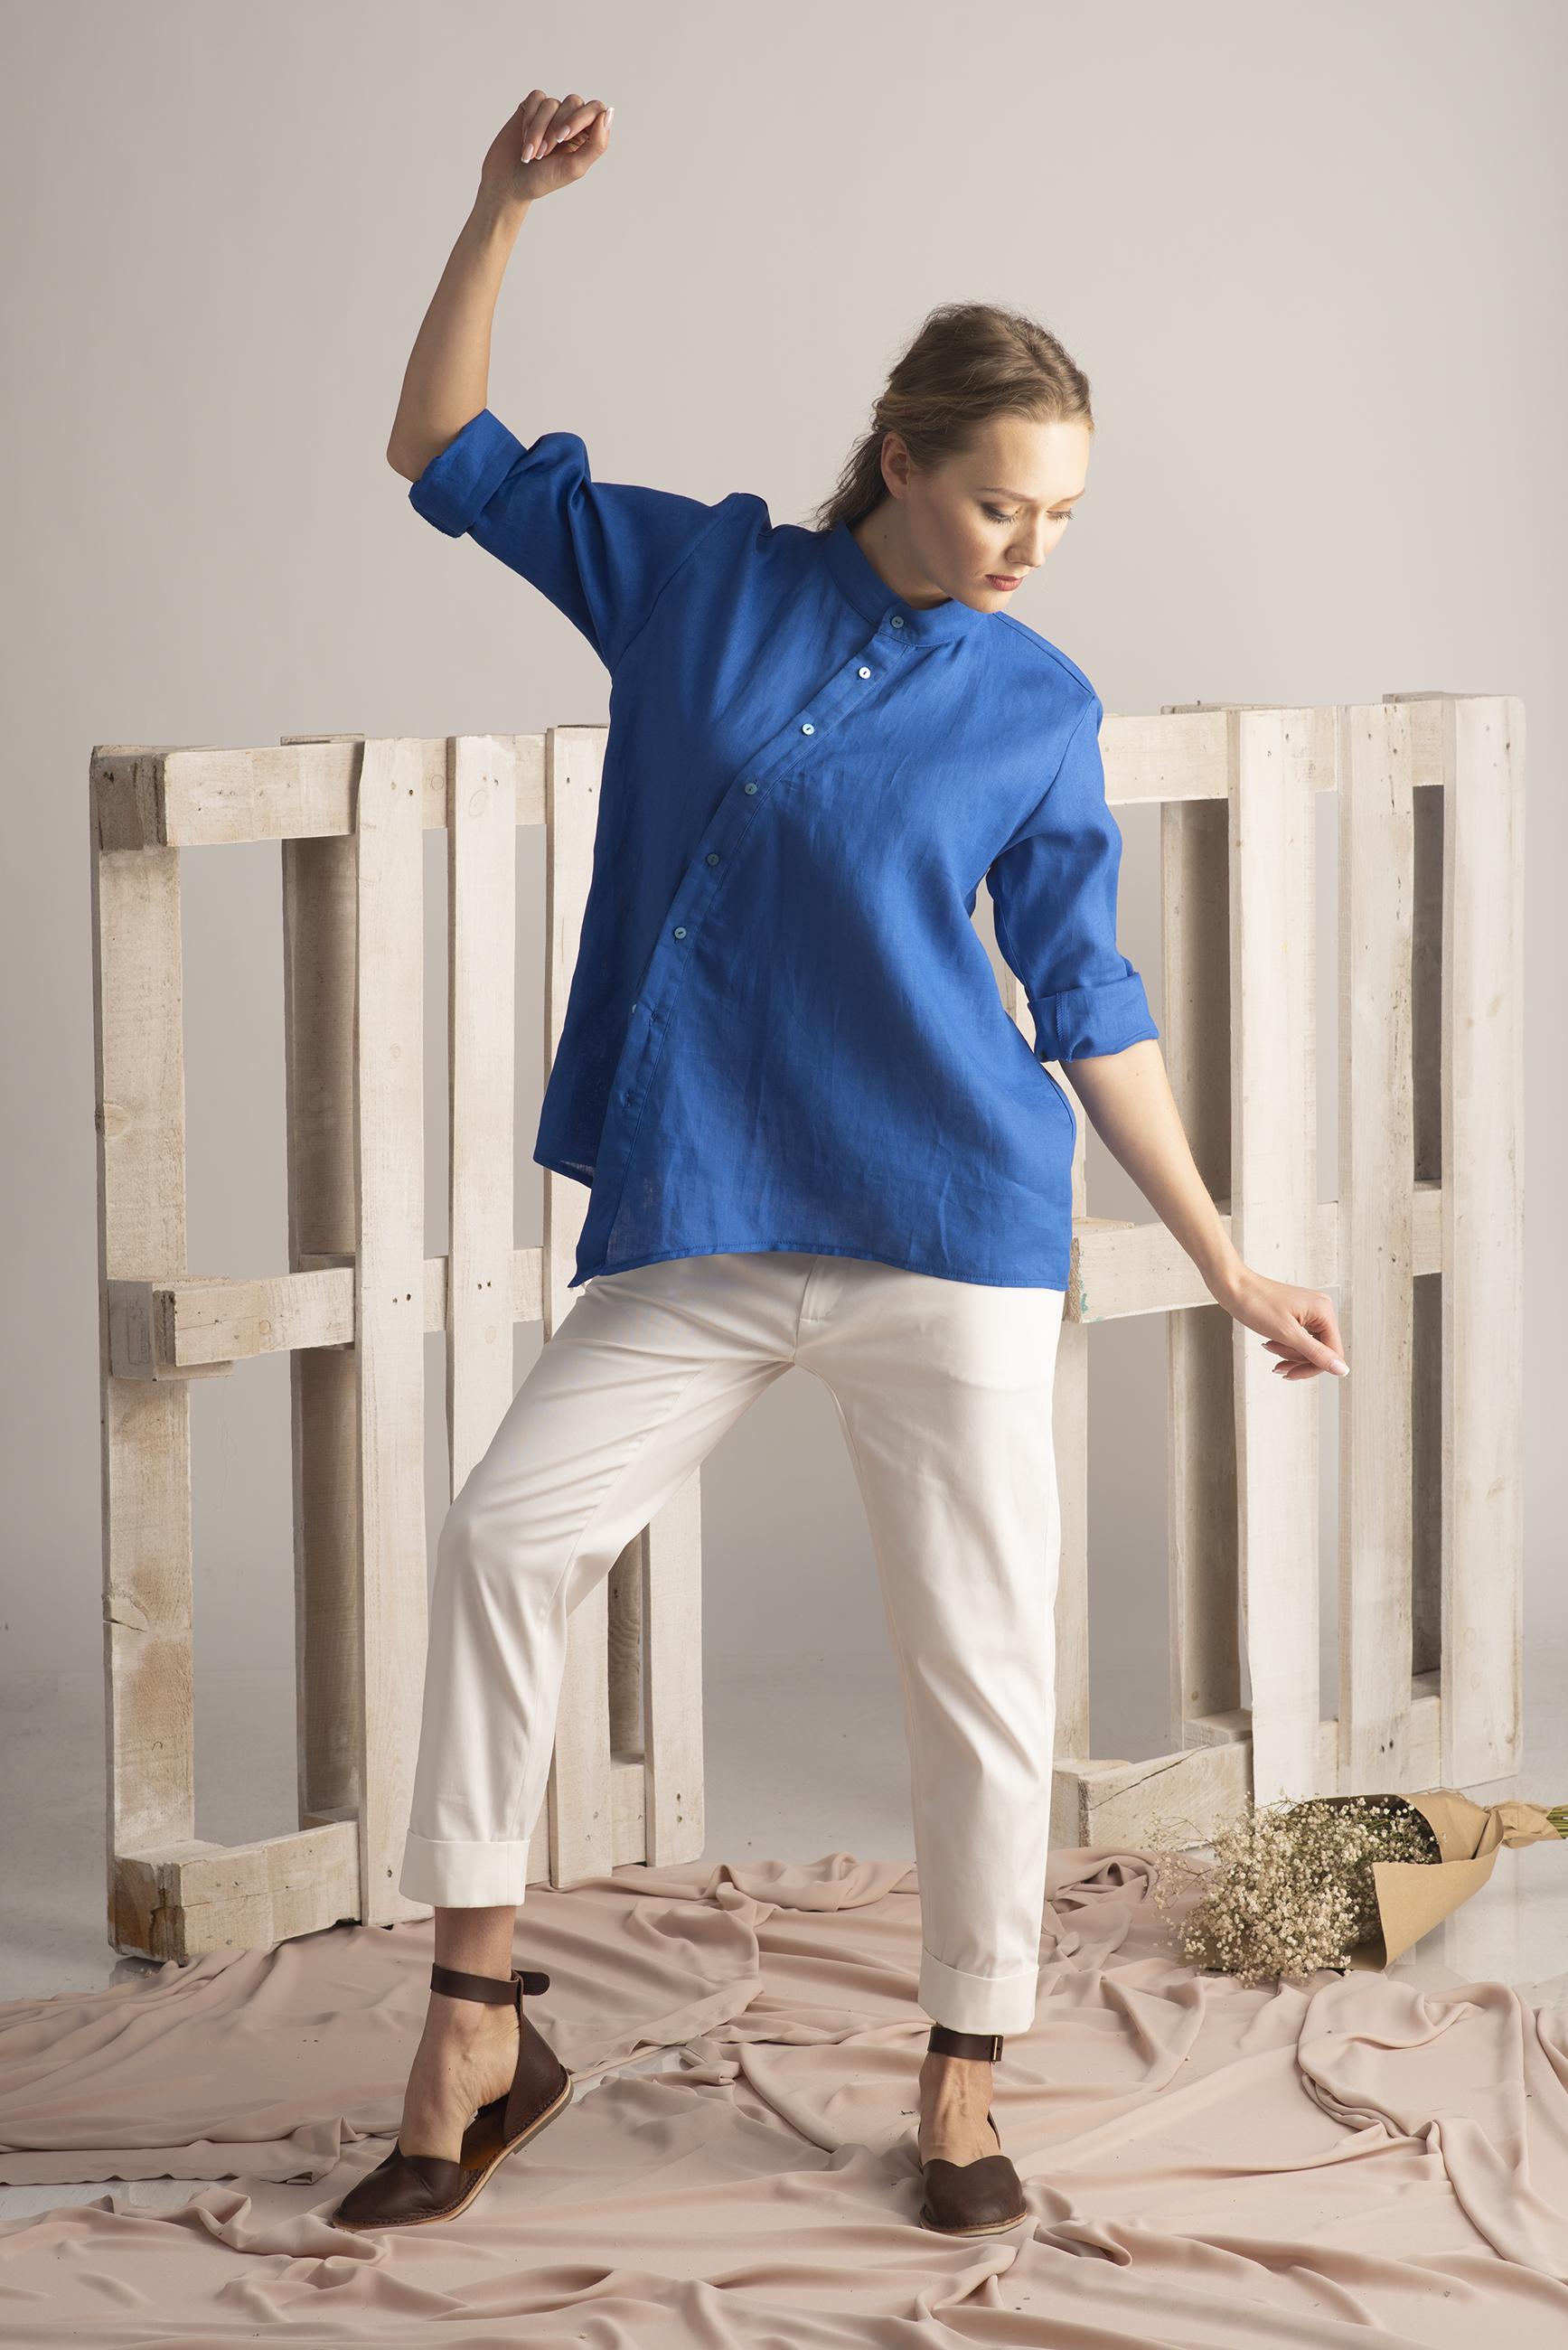 4940cca5 Linen Shirt In Royal Blue - ALLSEAMS